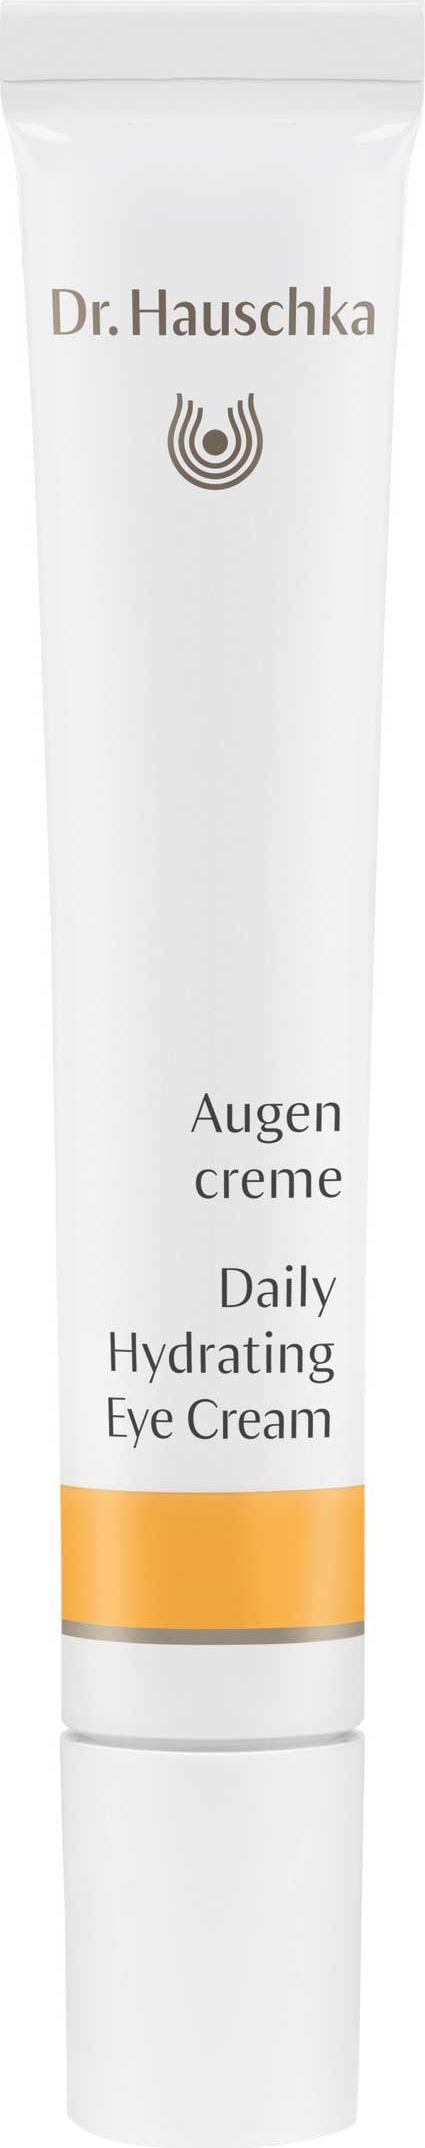 Dr. Hauschka - Daily Hydrating Eye Cream 12,5 ml